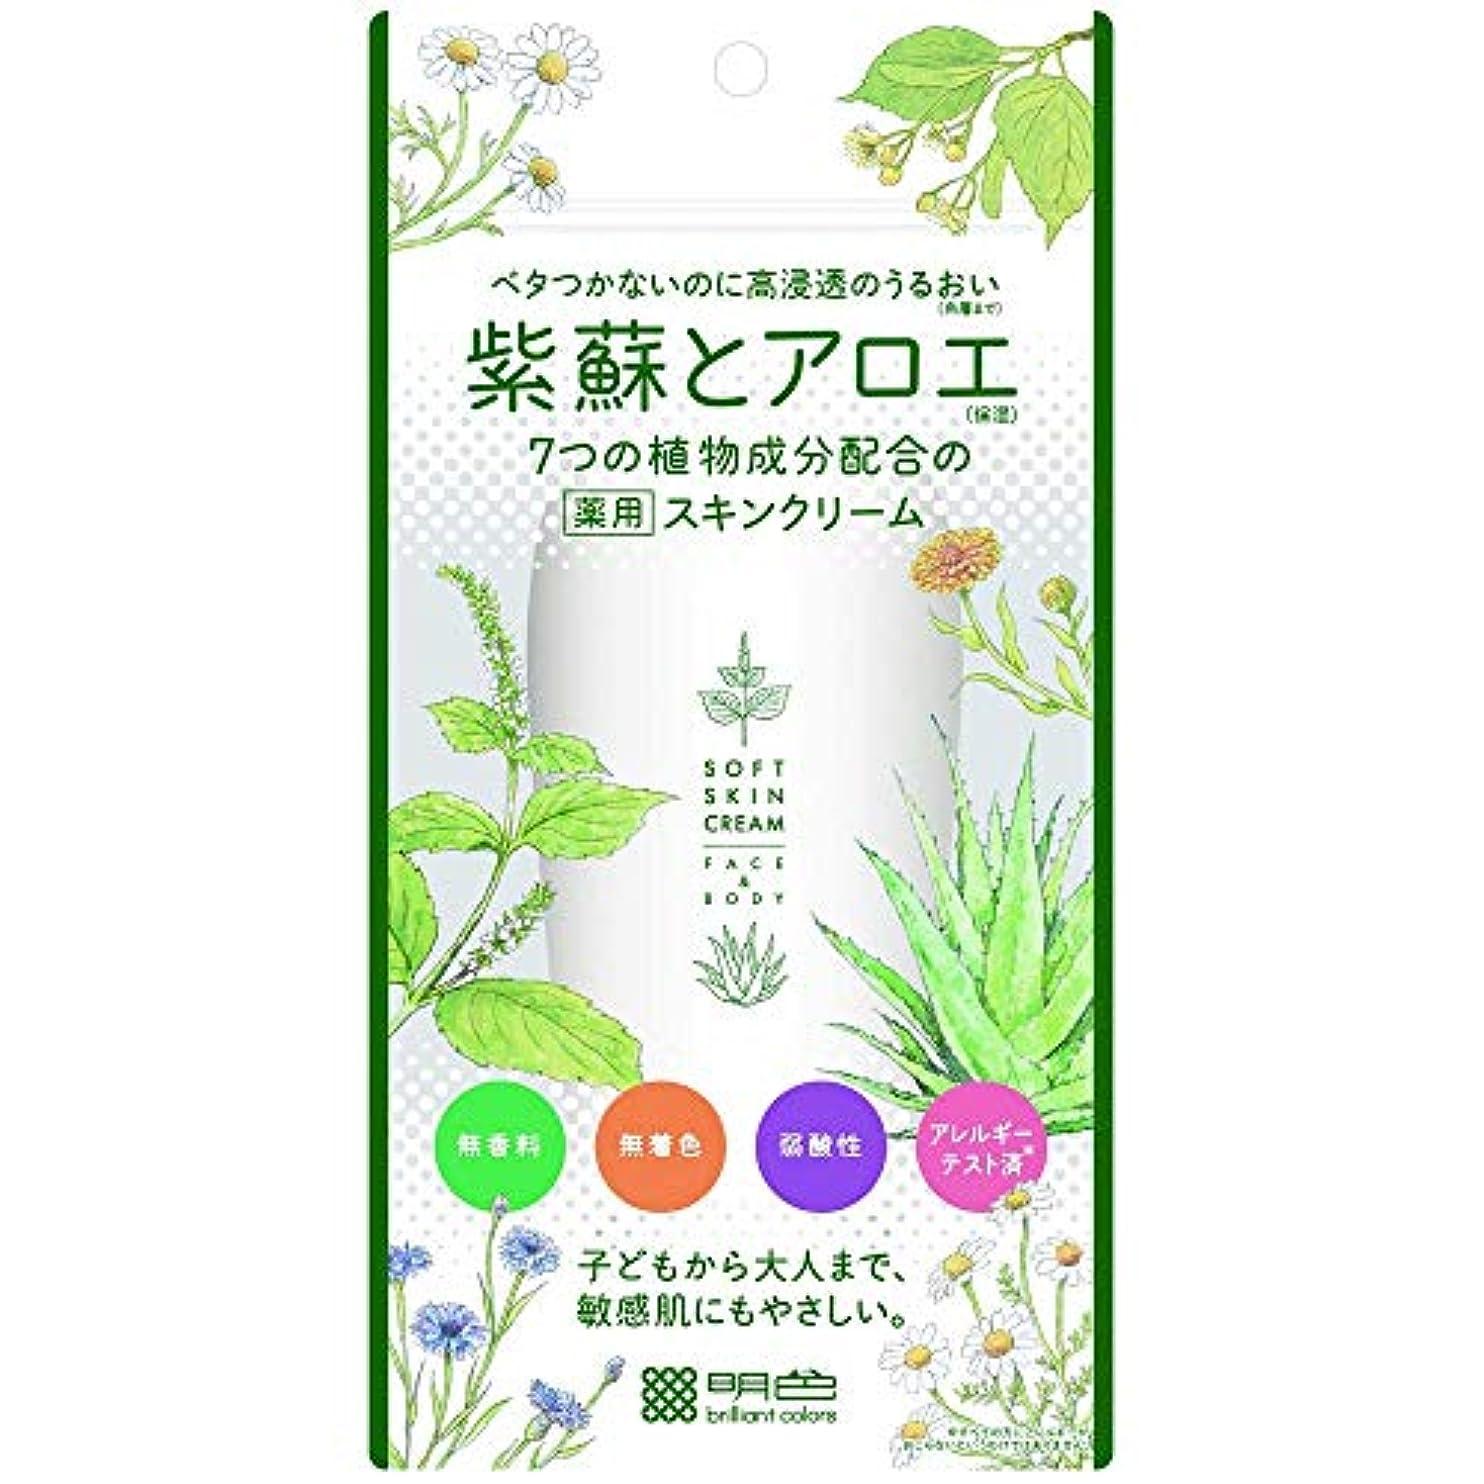 ディレクトリ混乱ページェント【9個セット】紫蘇とアロエ 薬用スキンクリーム 190g